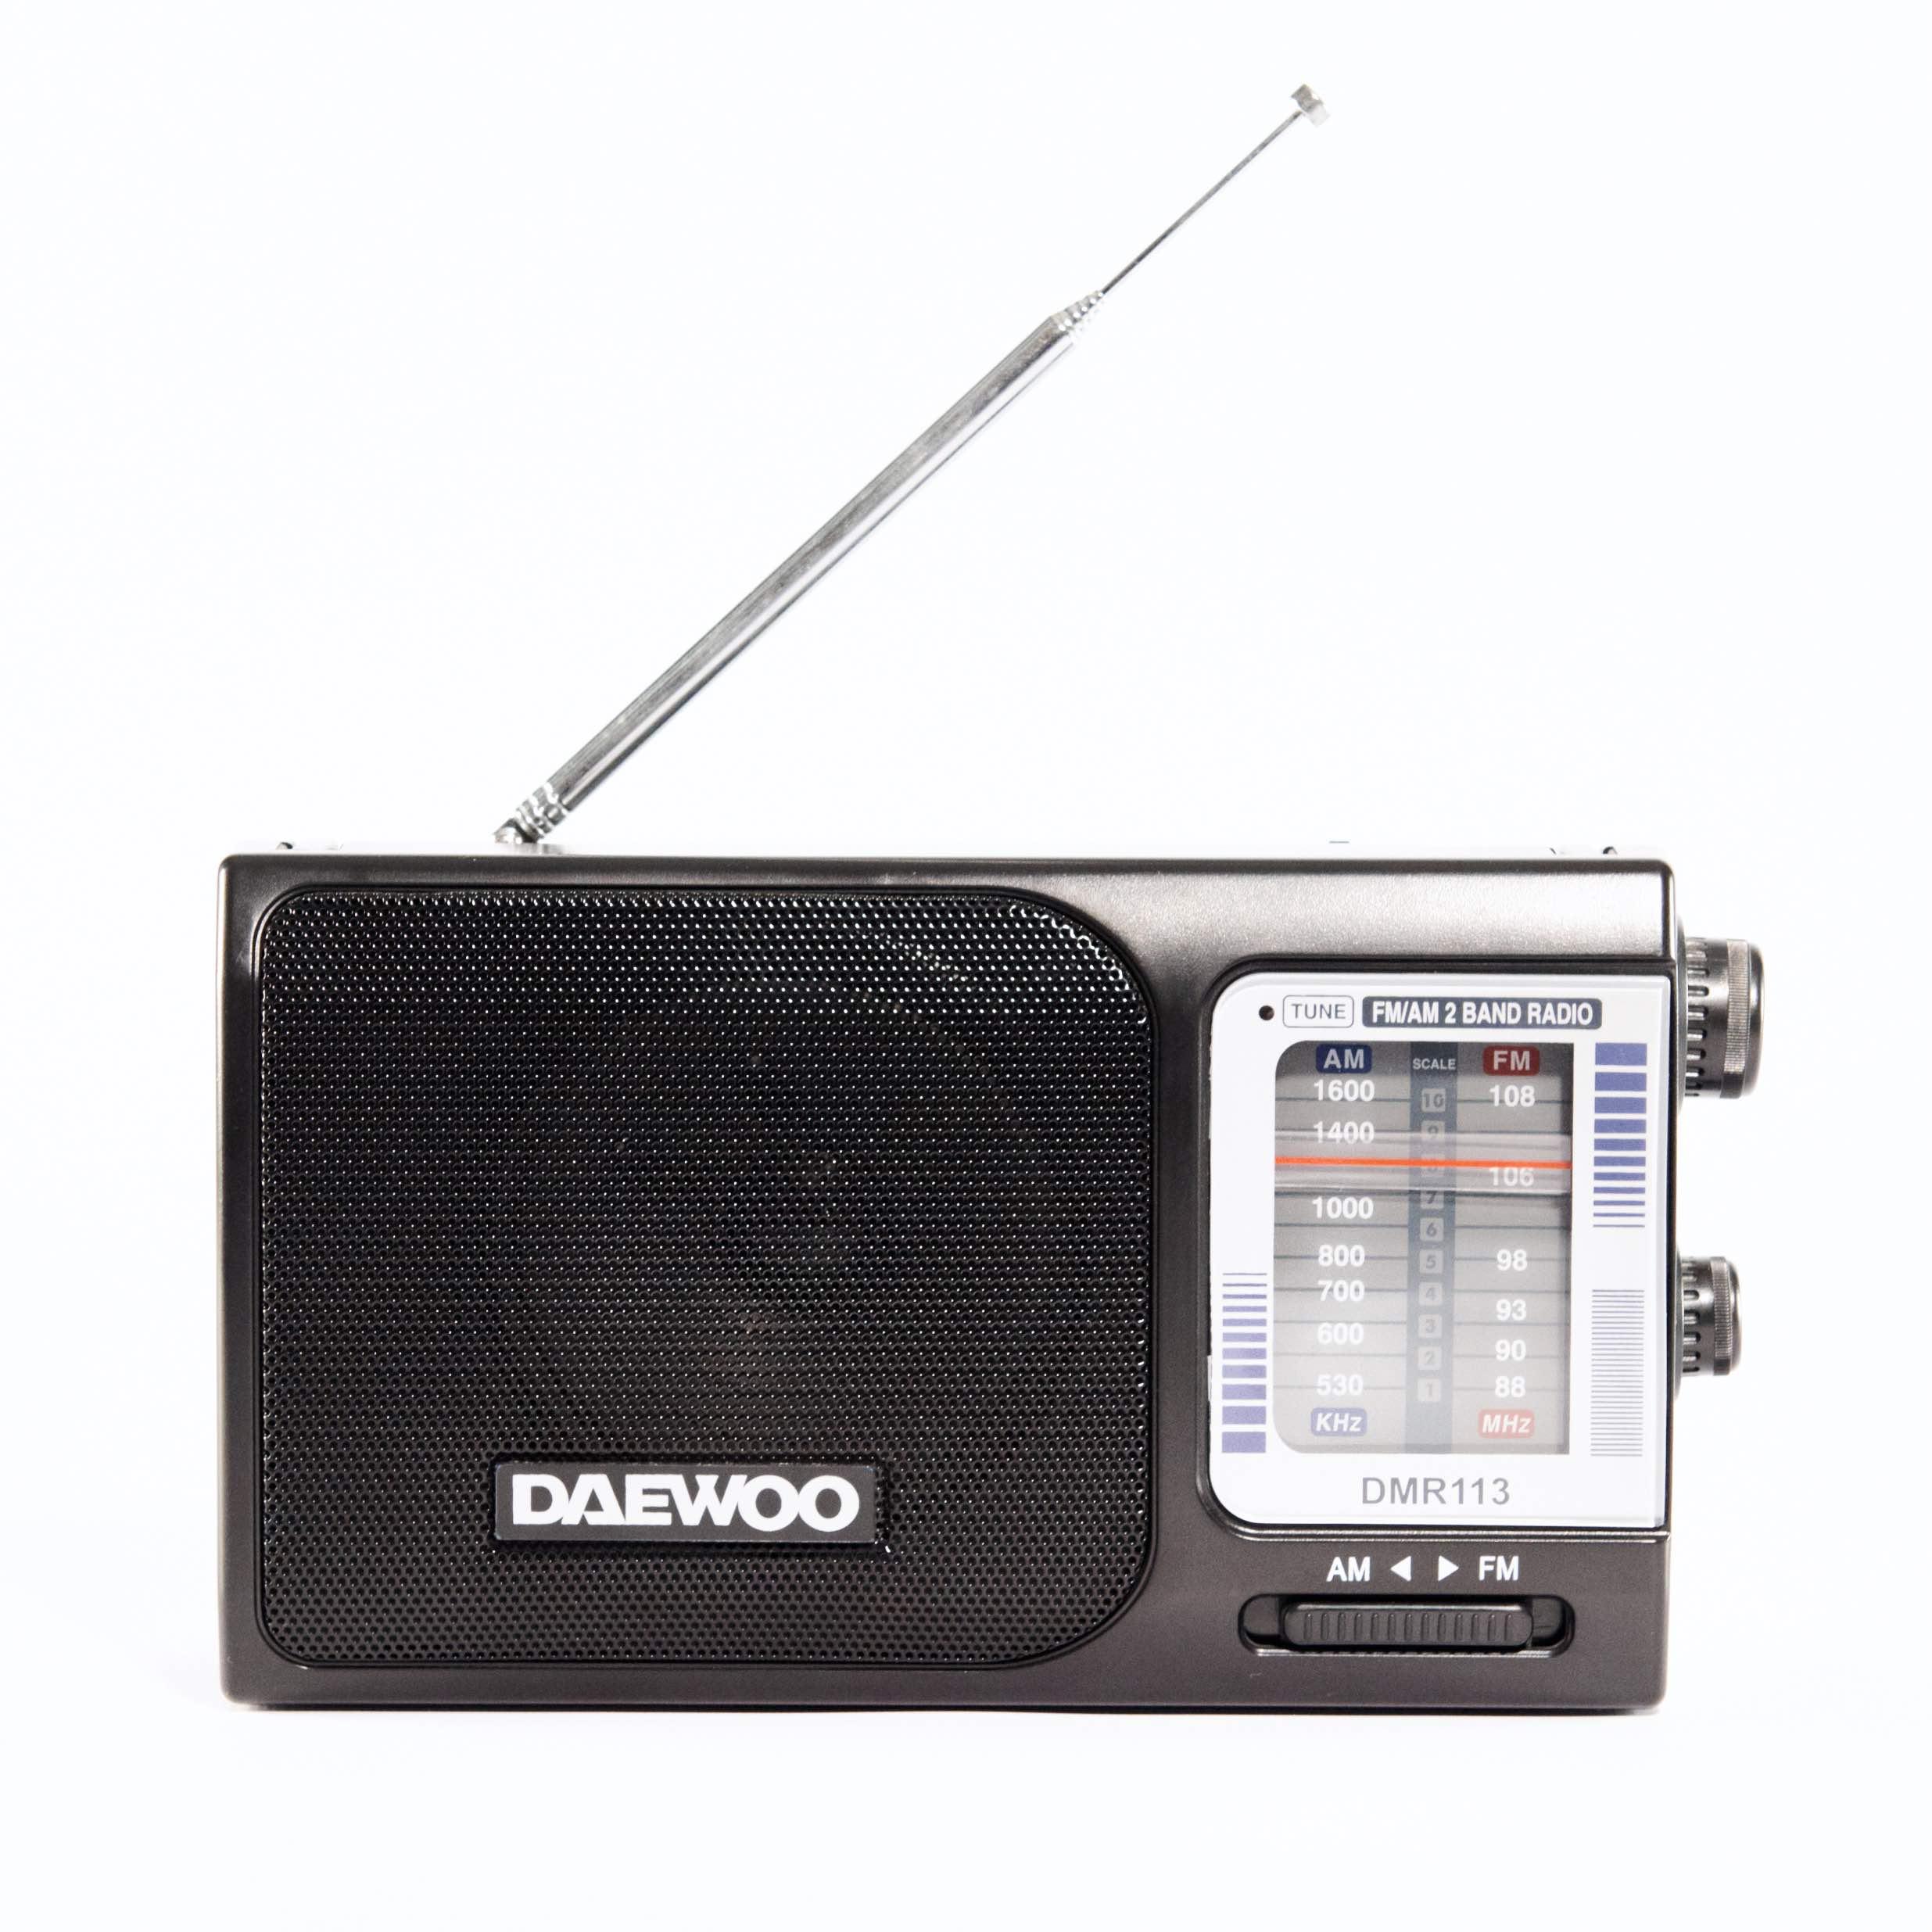 DMR-113